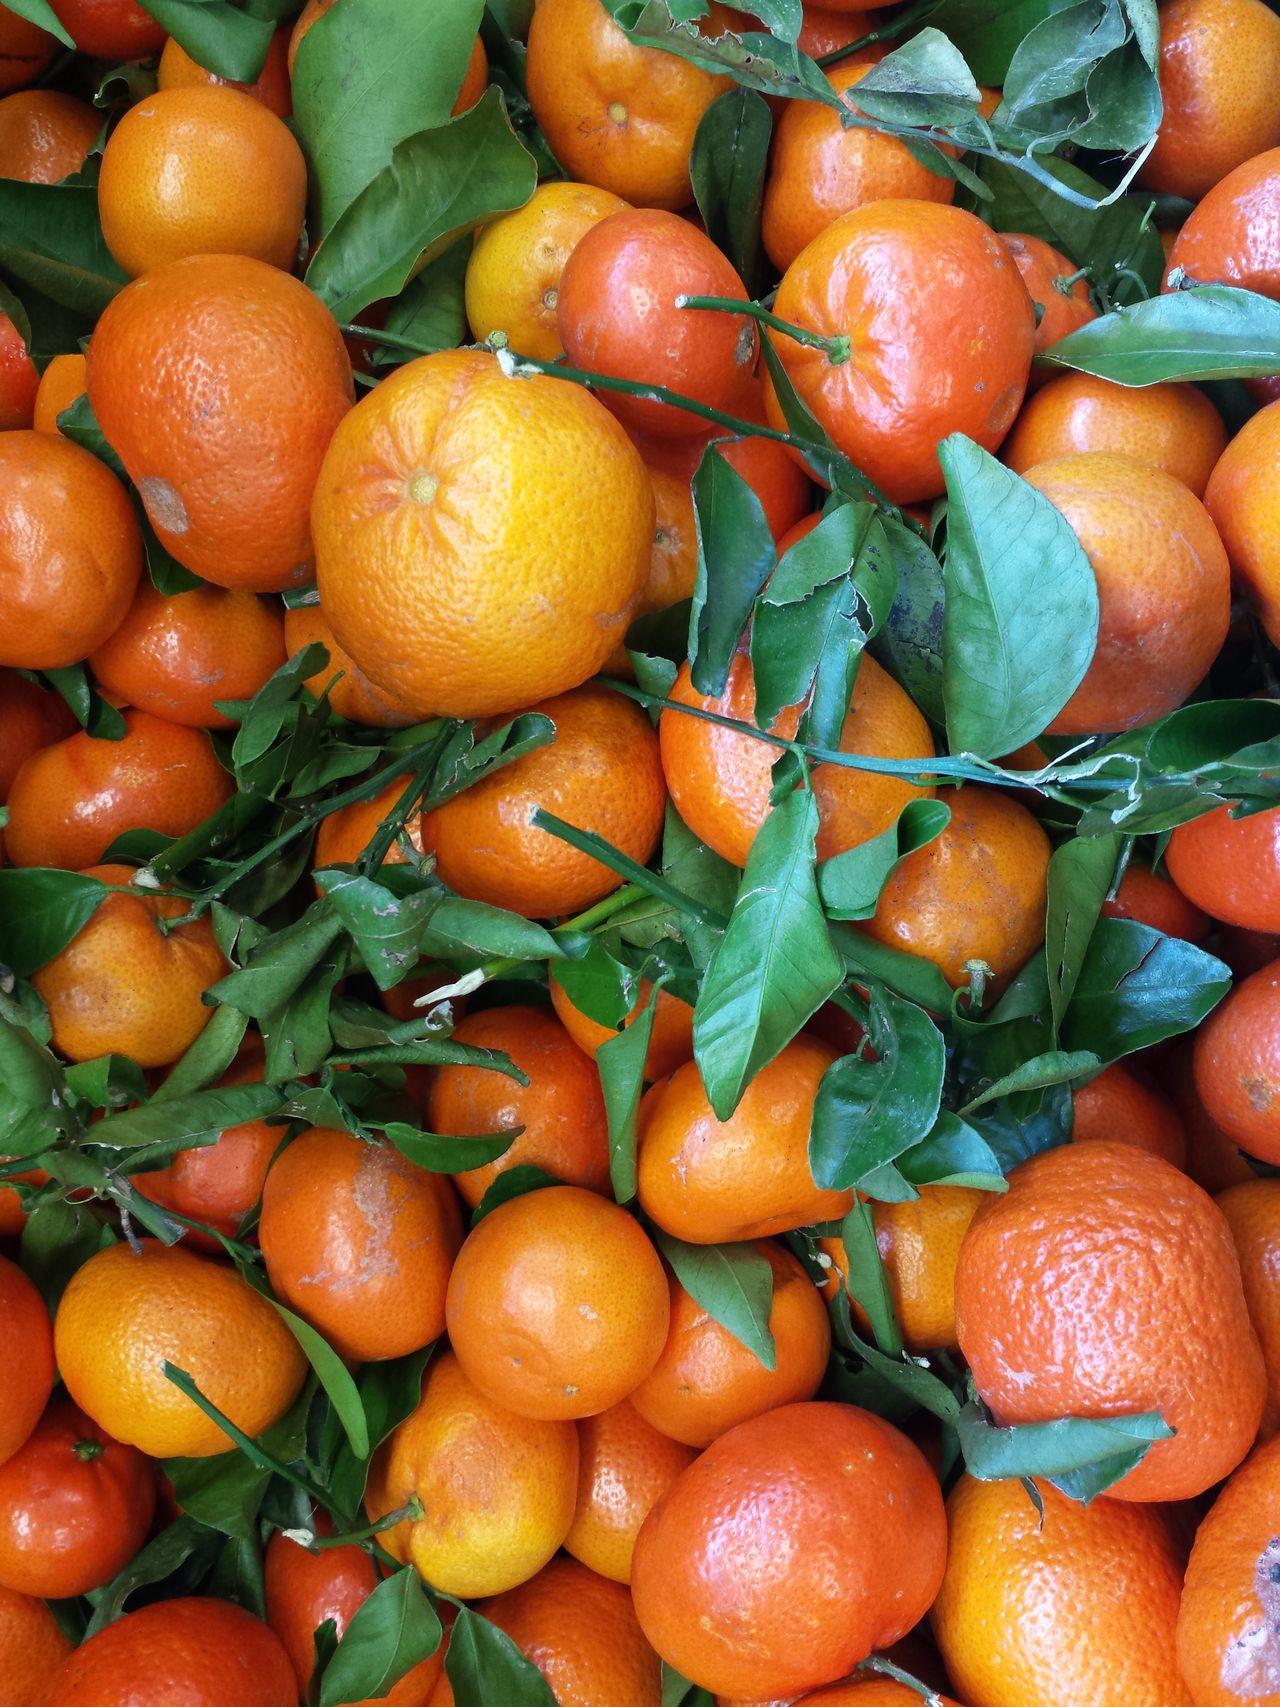 Farbenfroh Q Grün Orange Color Orange Green Mandarin Oranges Mandarinen Obst & Gemüse Obst Fruits Food Foodphotography Food Market The Essence Of Summer